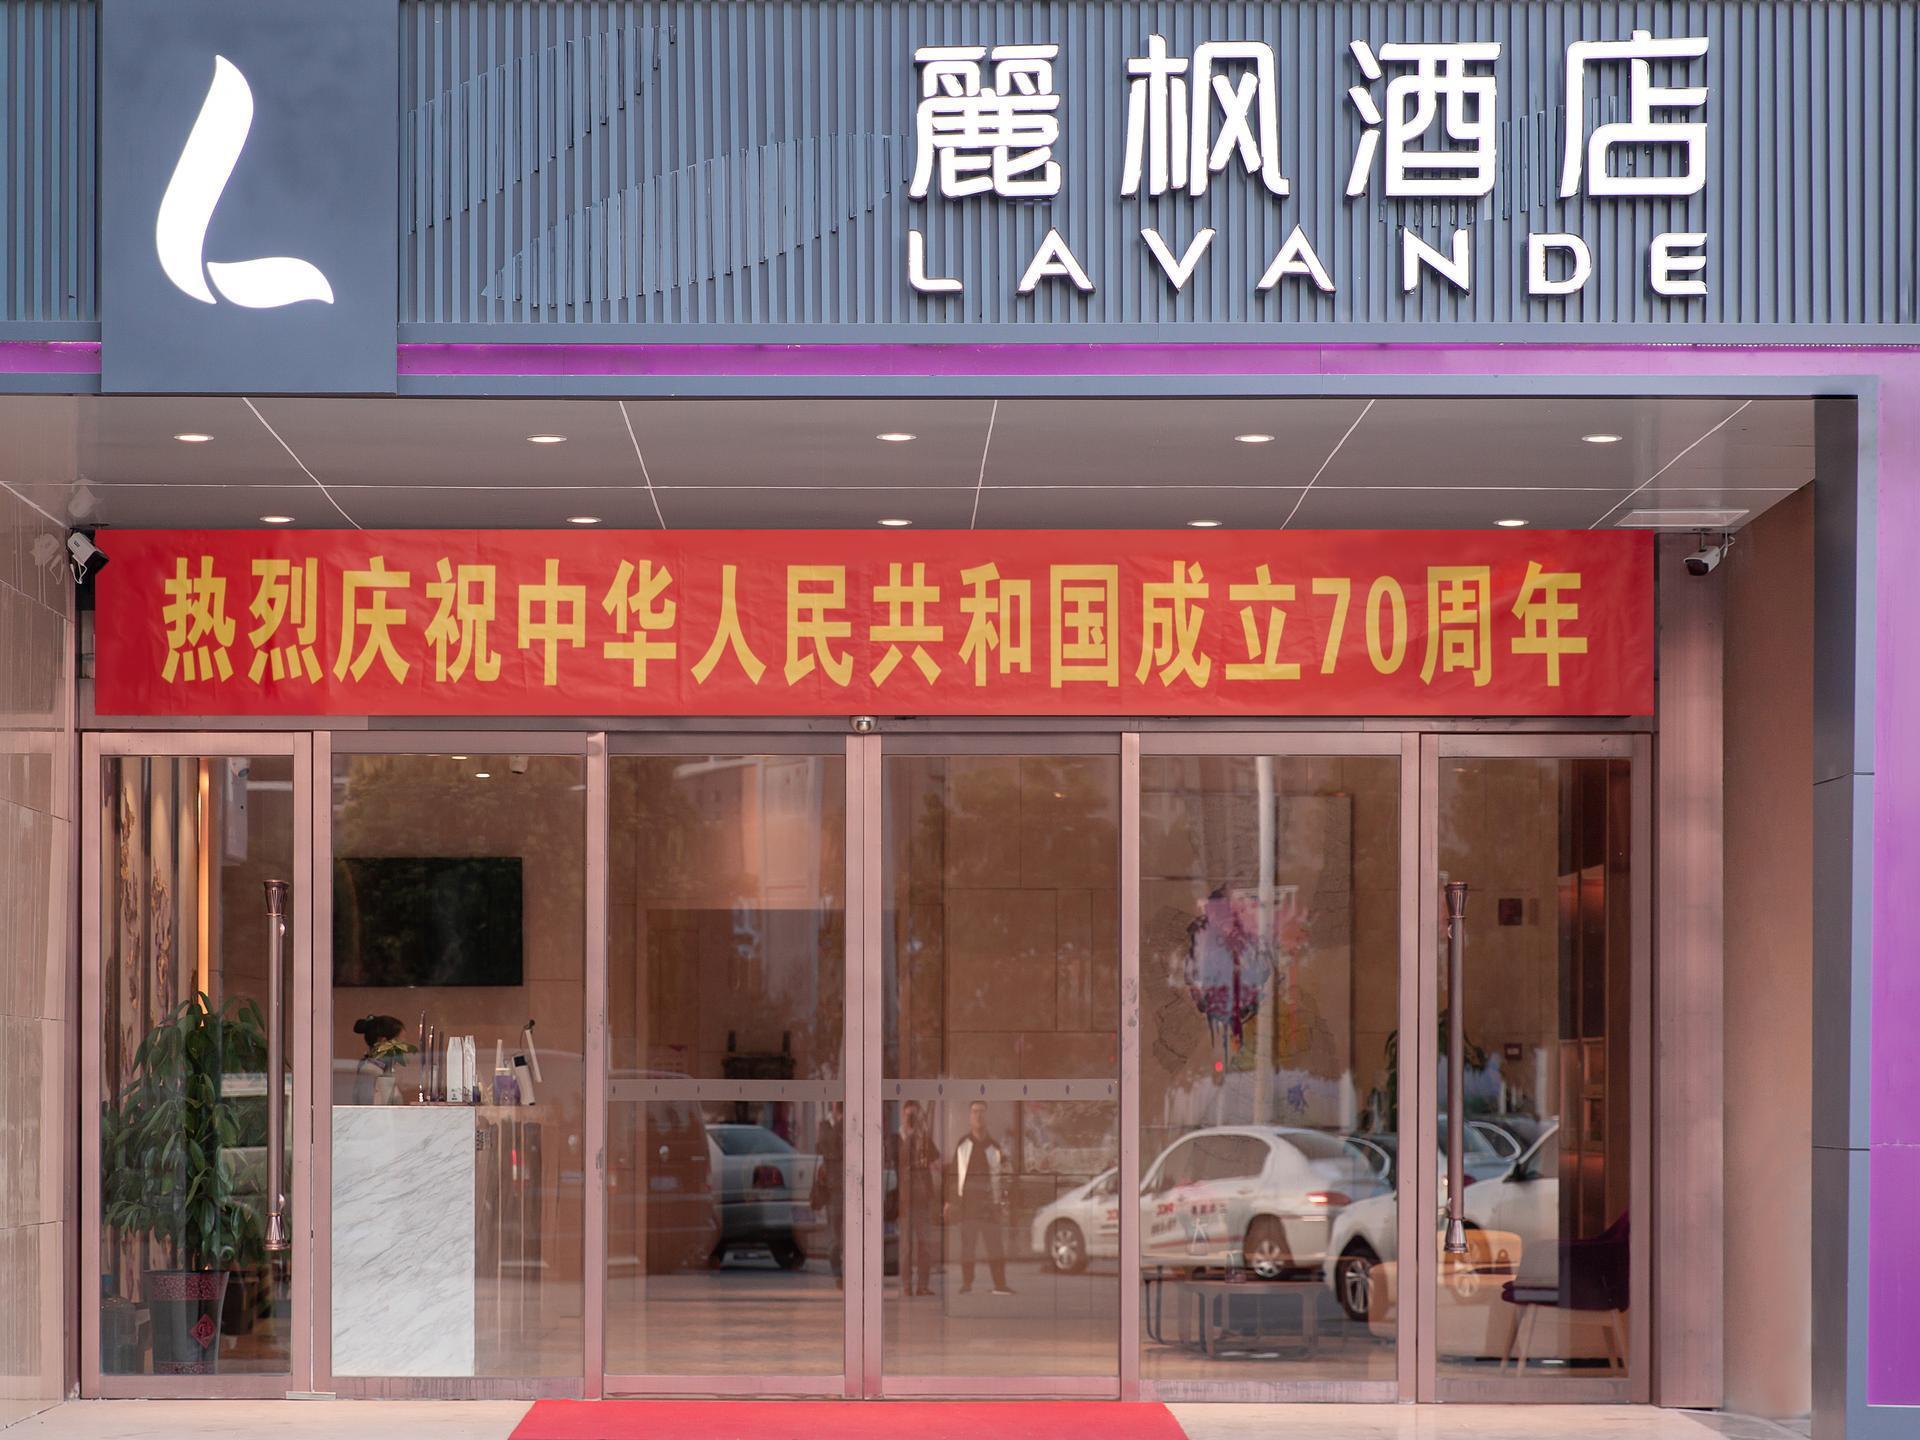 Lavande Hotels Jiangsu Sihong Sizhou Xi Street